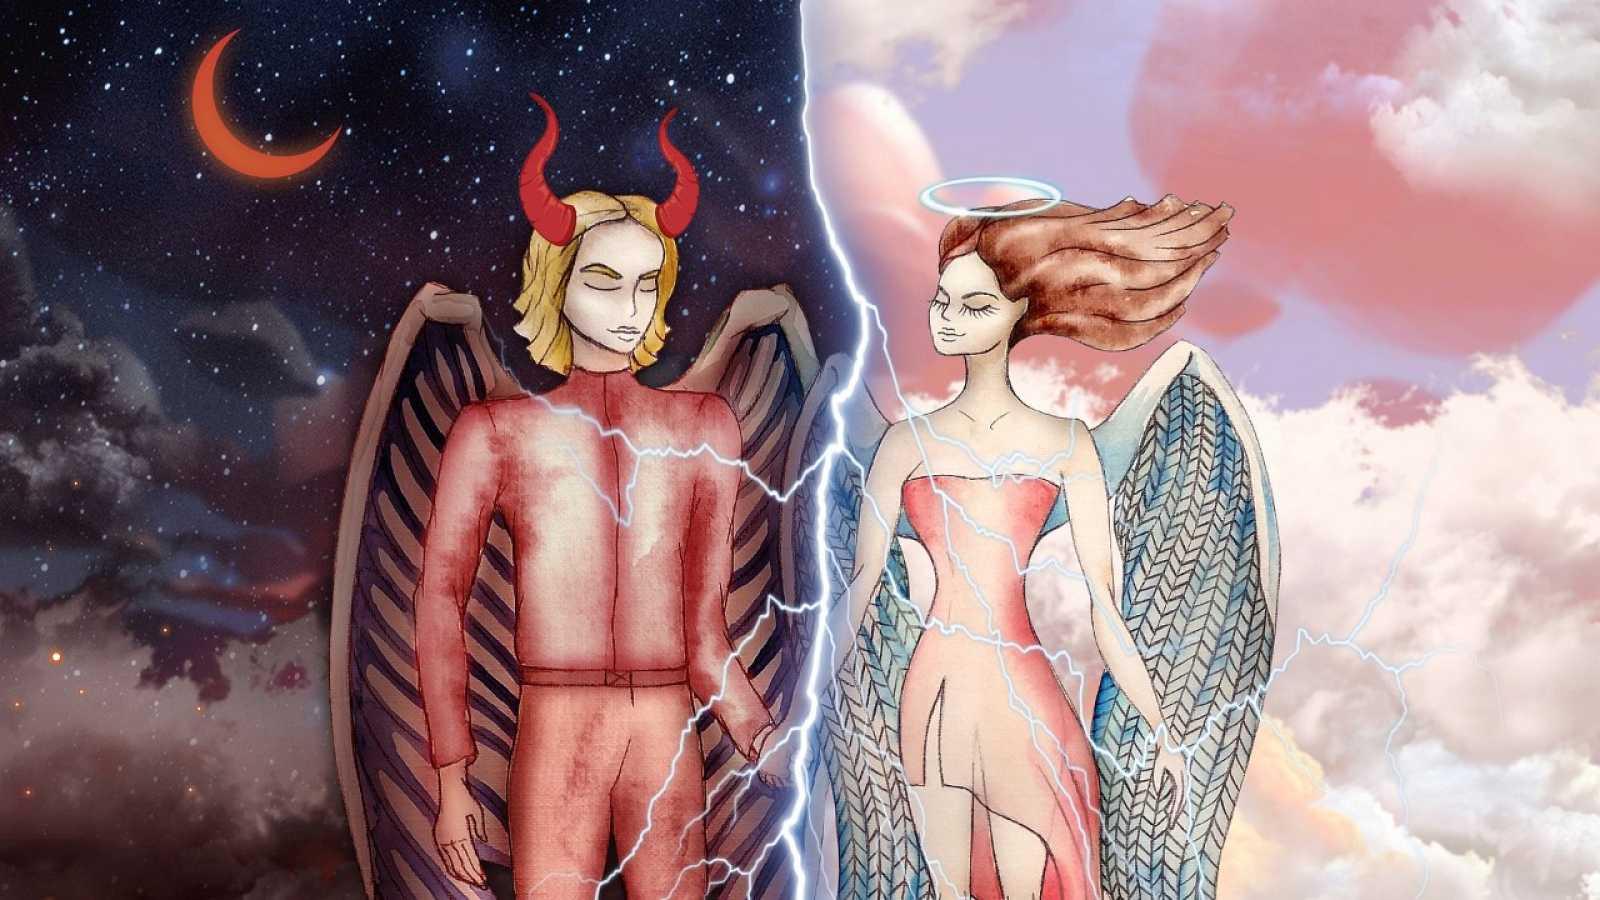 Tercera vía - El cielo y el infierno - 15/01/21 - escuchar ahora